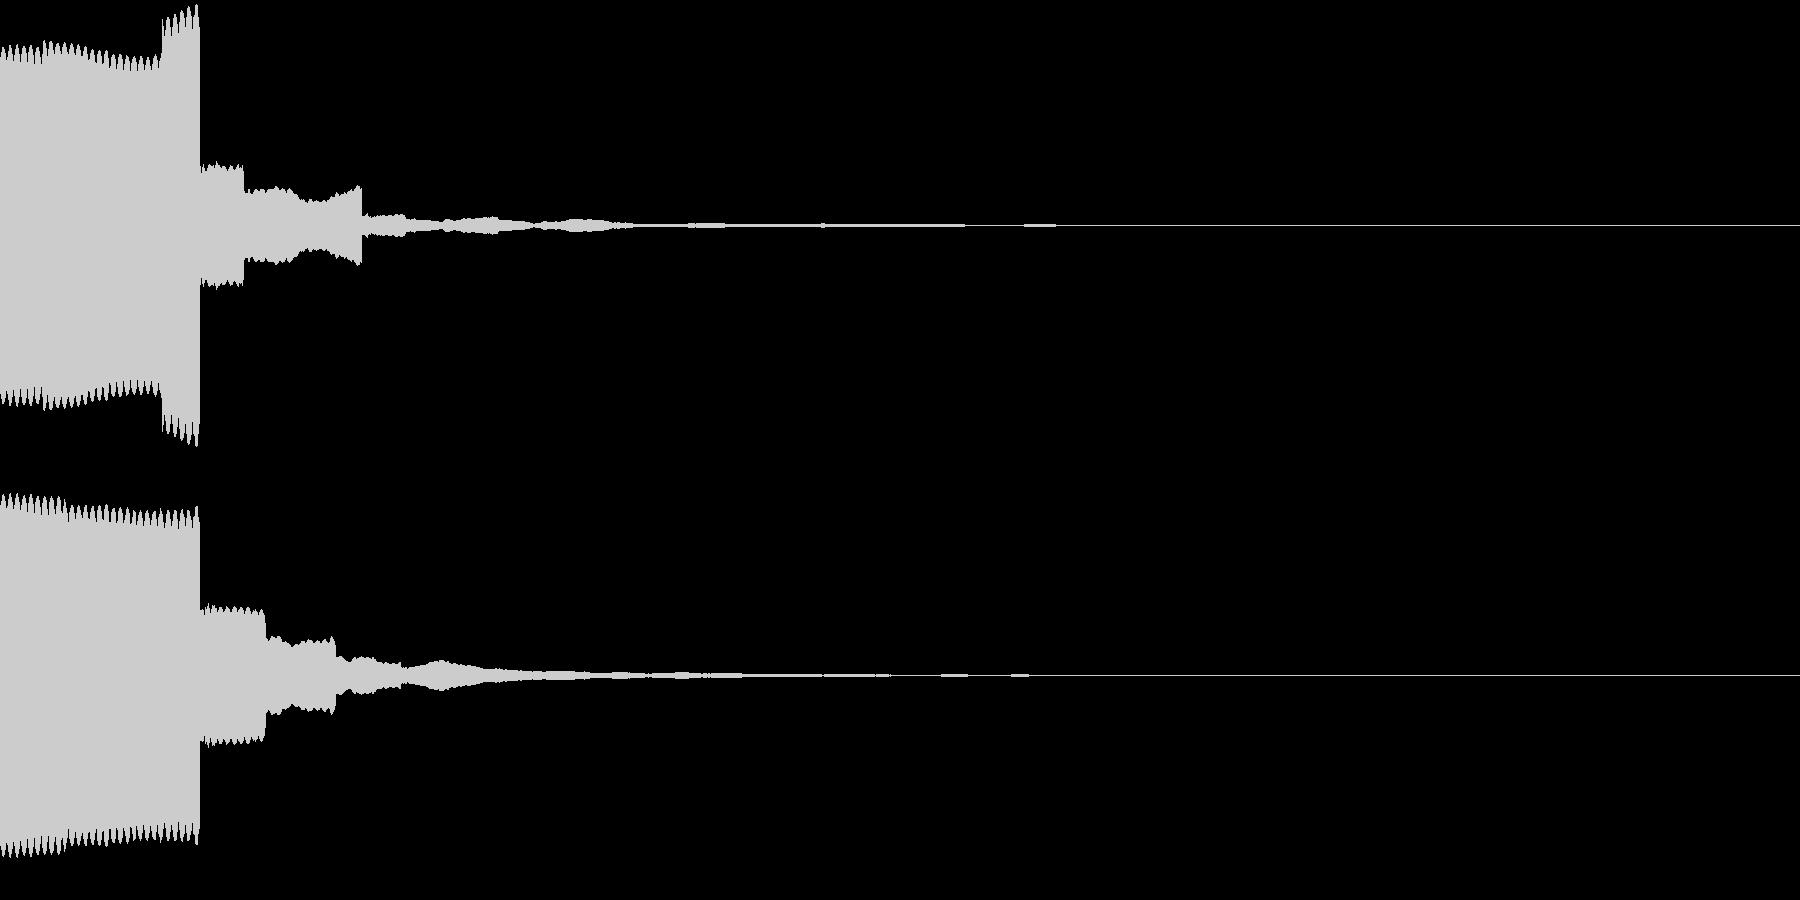 決定/ボタン押下音(鋭い電子音)の未再生の波形